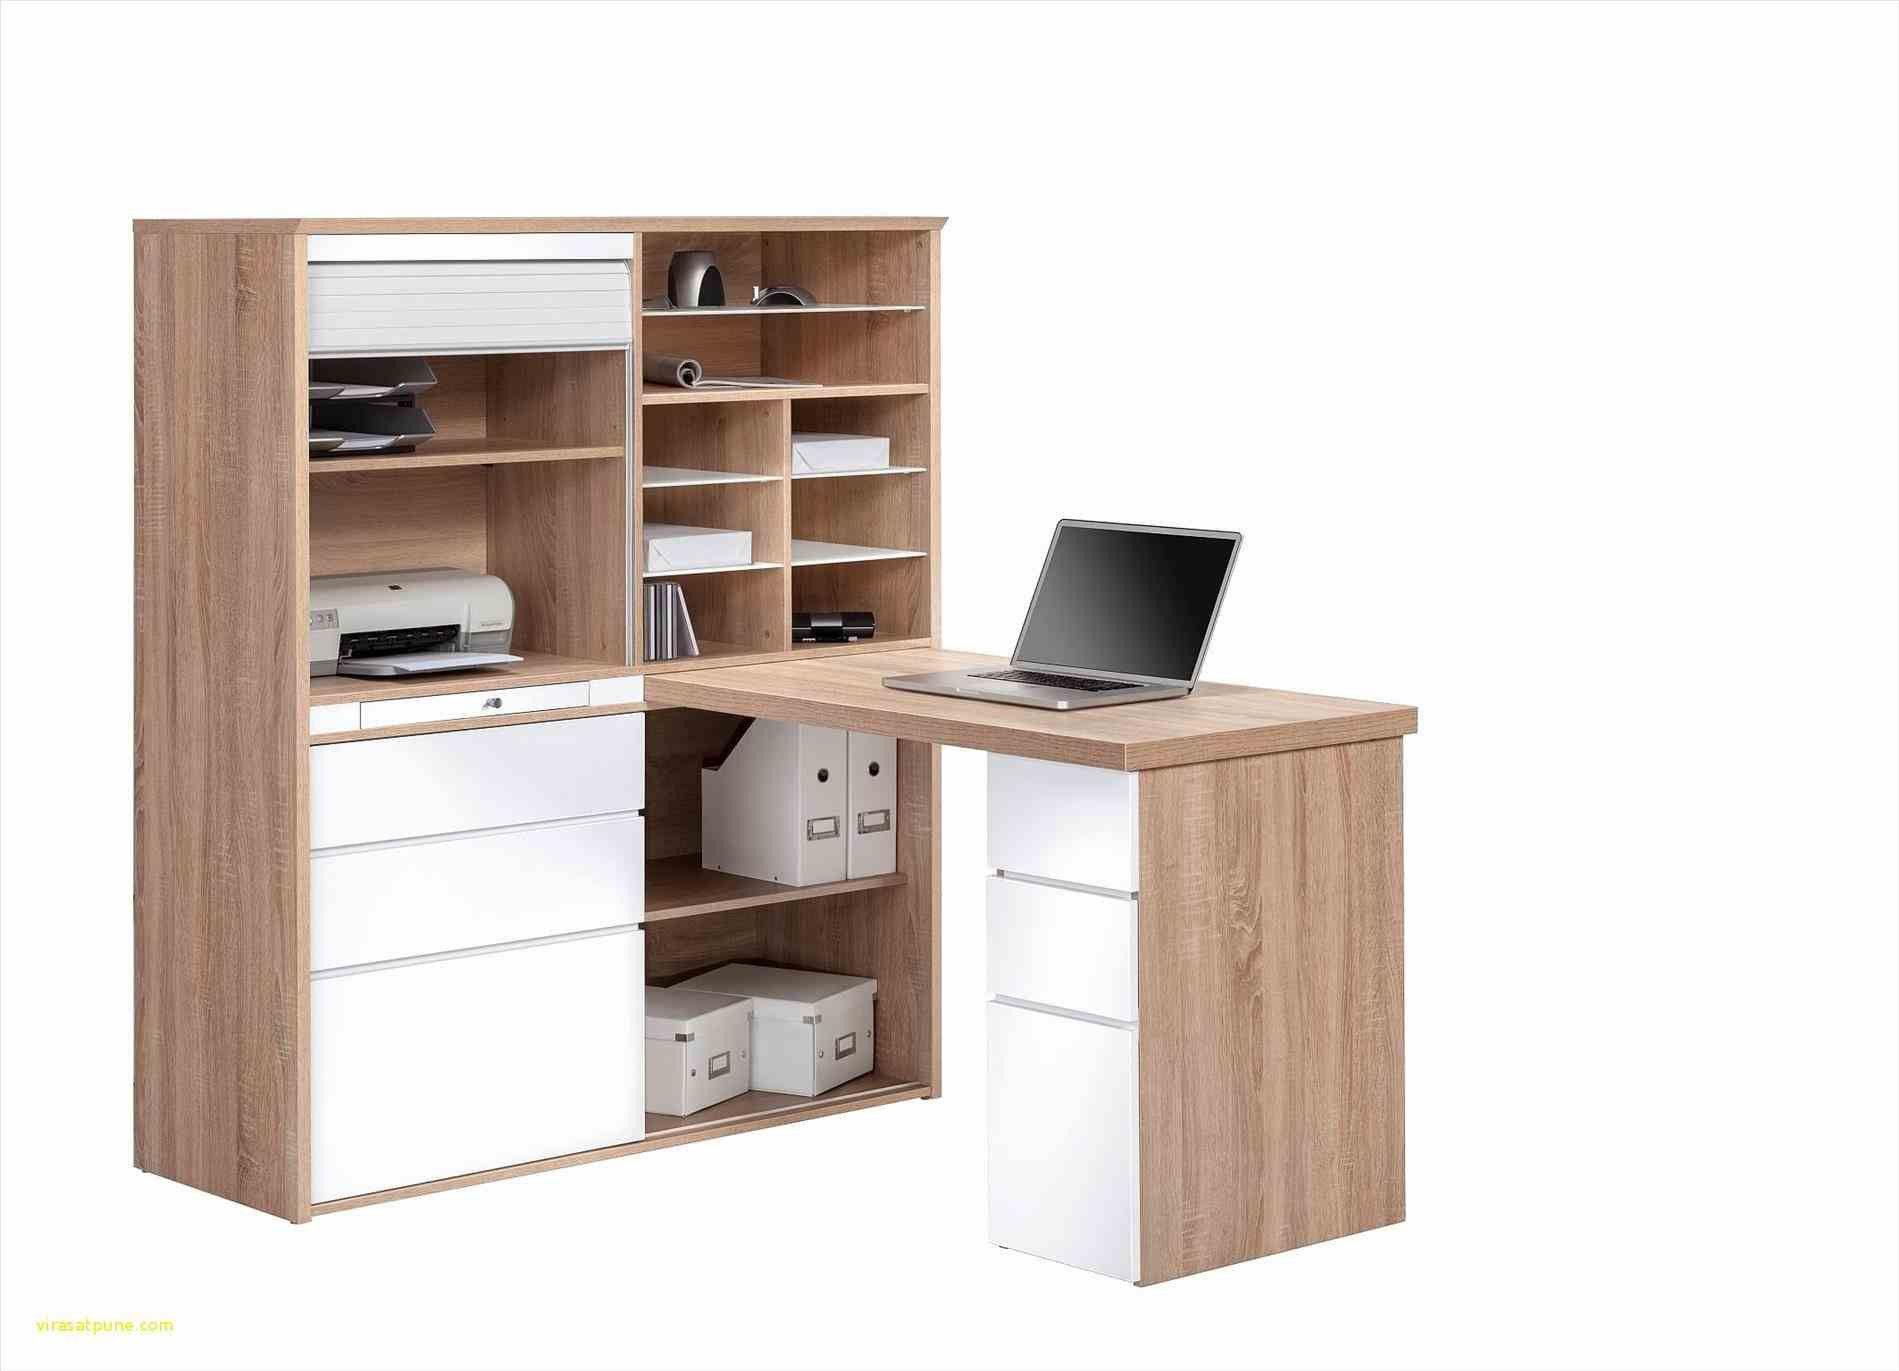 Elegant Rangement Ikea Bureau